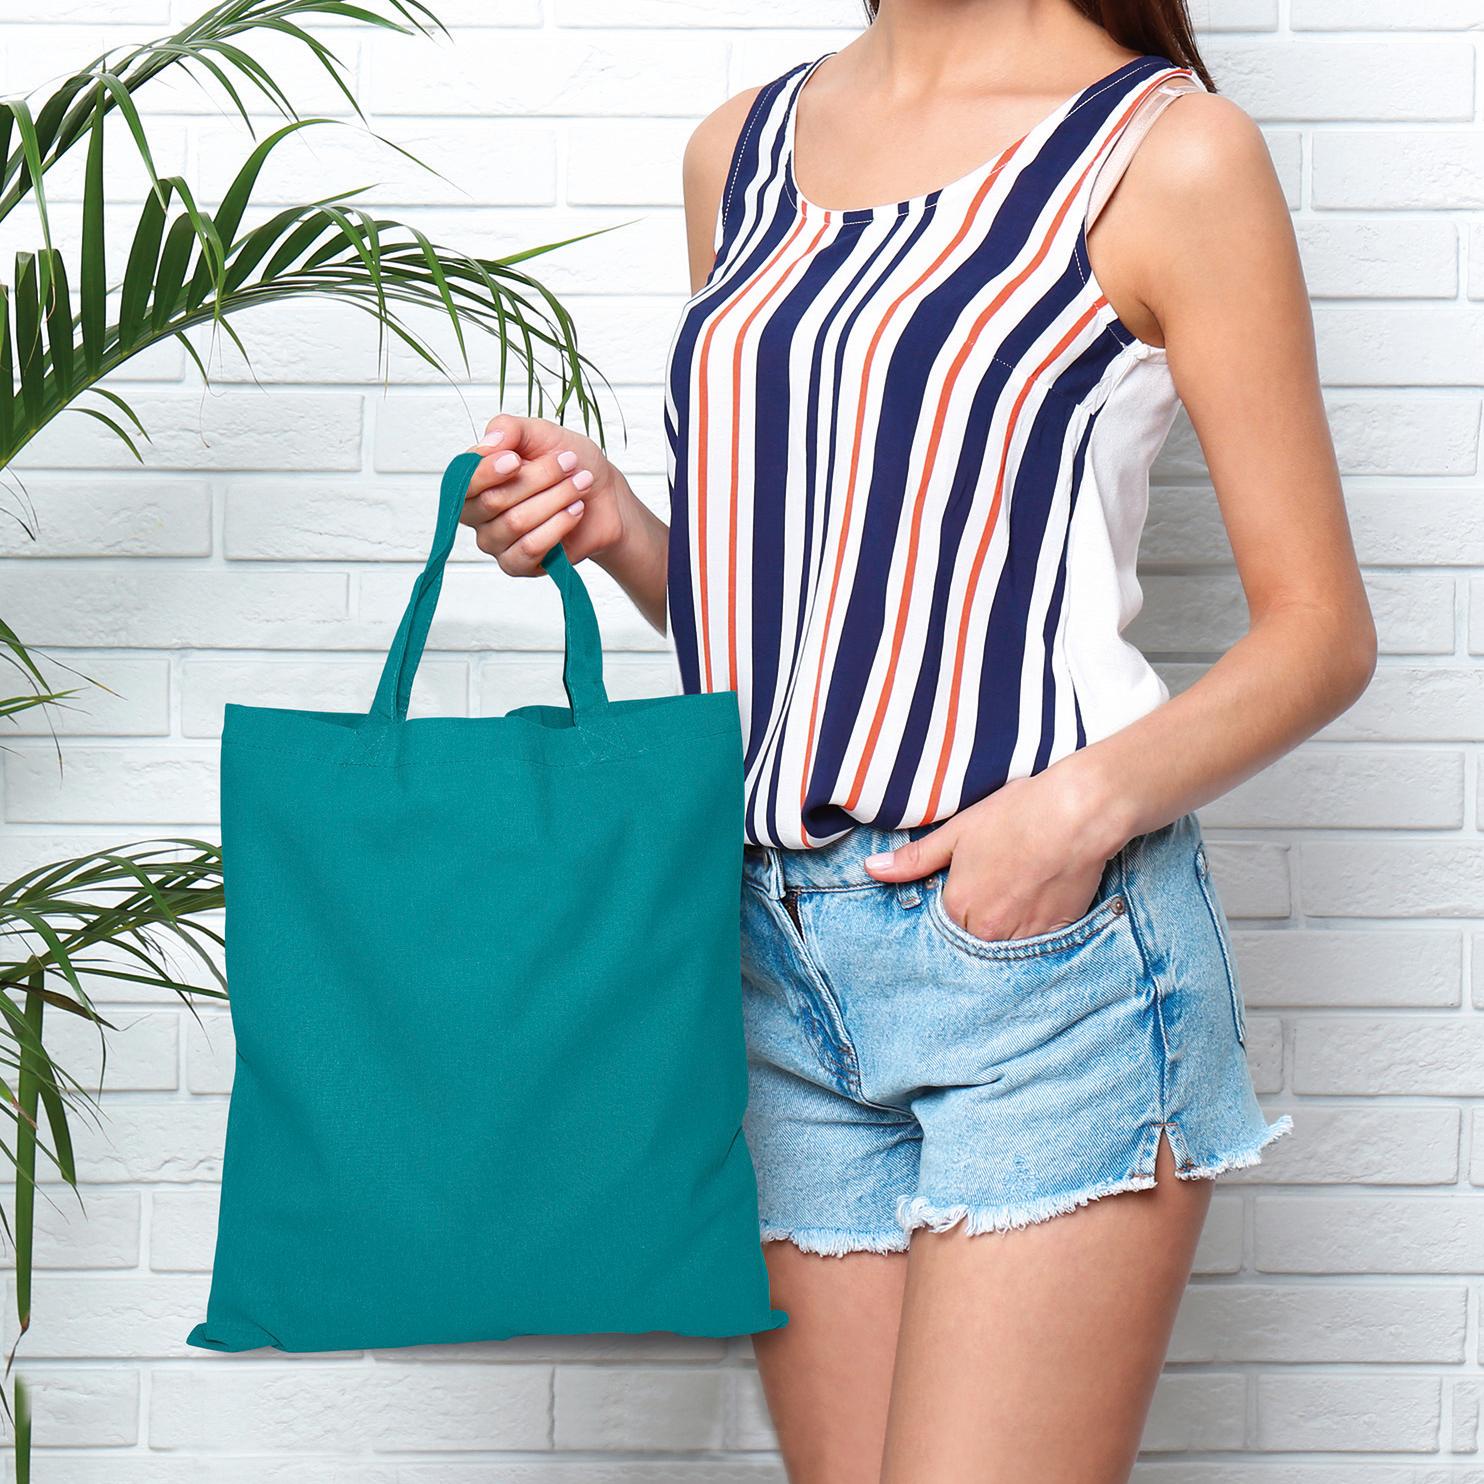 20 Kapstadt Baumwolltasche mit kurzen Henkeln, Farbe: petrol, Anwendungsbeispiel